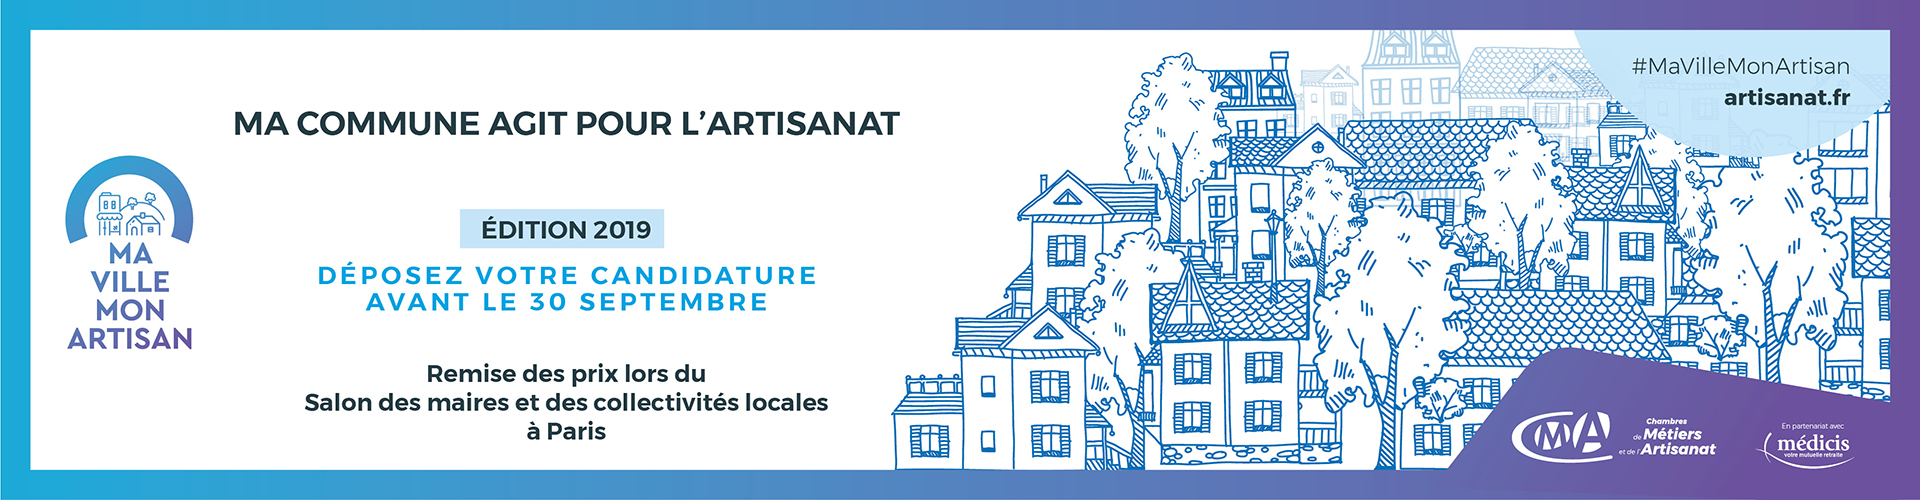 Chambre de Métiers et de l'Artisanat de l'Ardèche